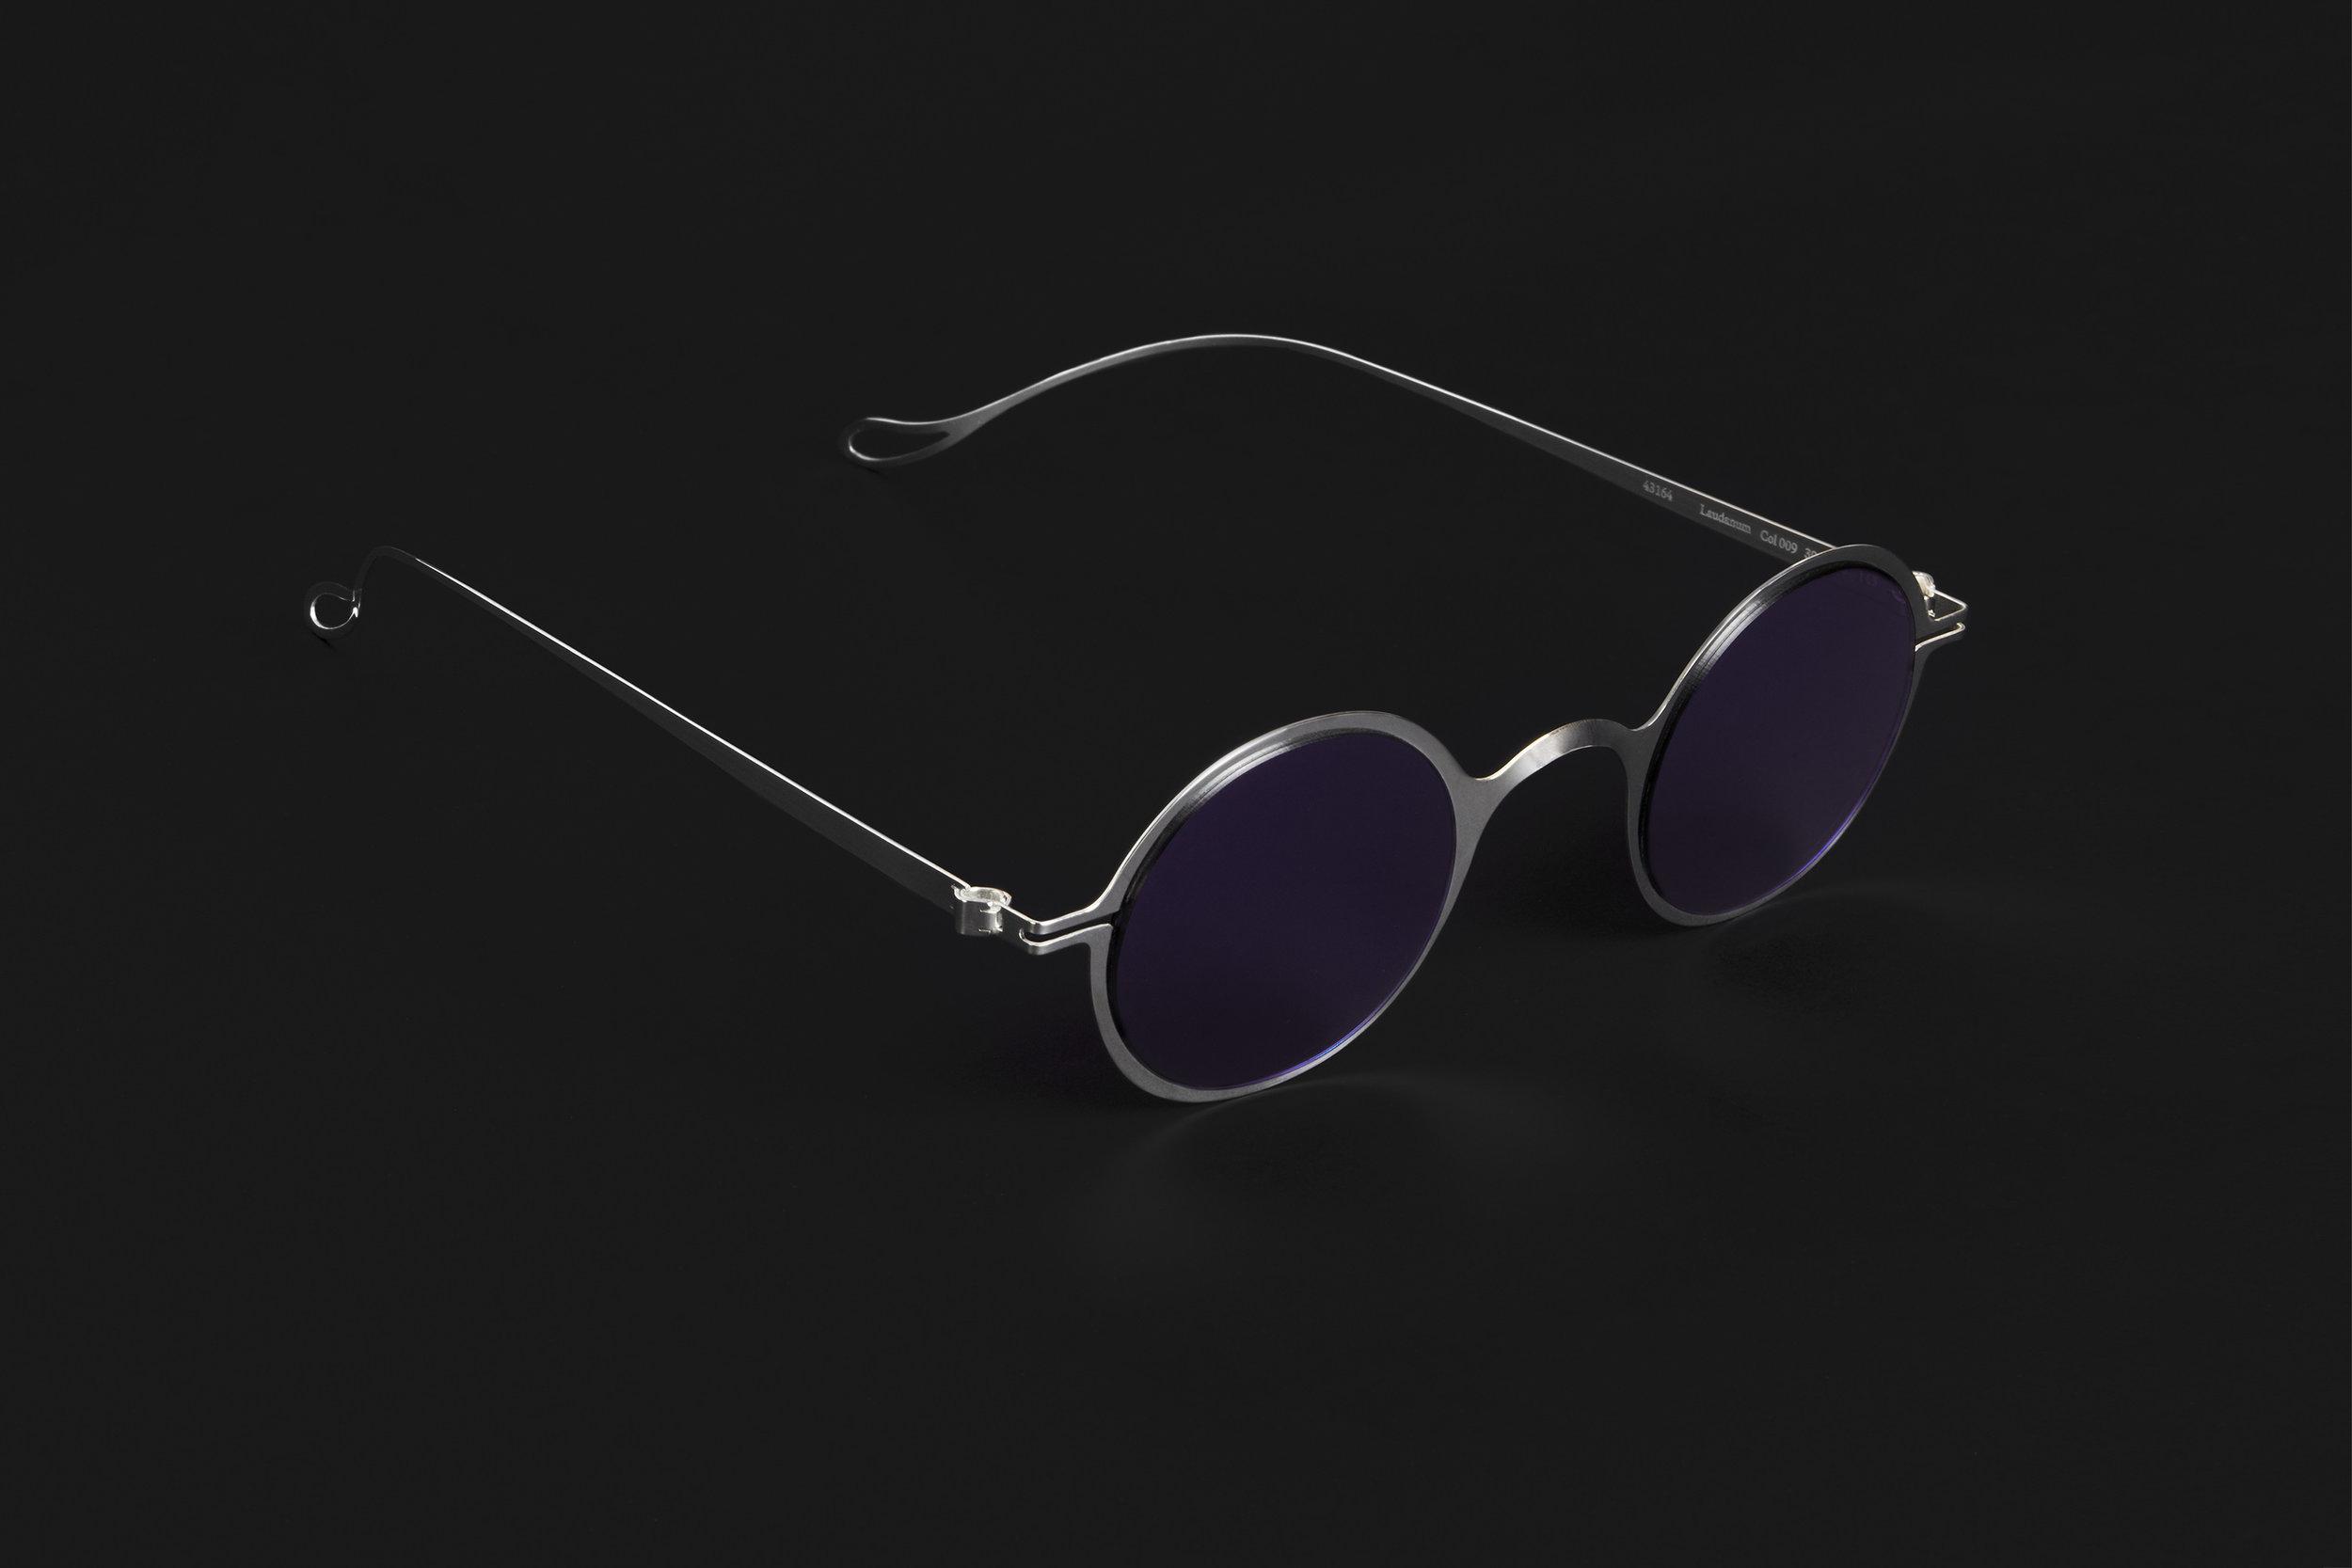 haffmans_neumeister_laudanum_argentum_potassium_violet_phasmid_sunglasses_angle_102223.jpg